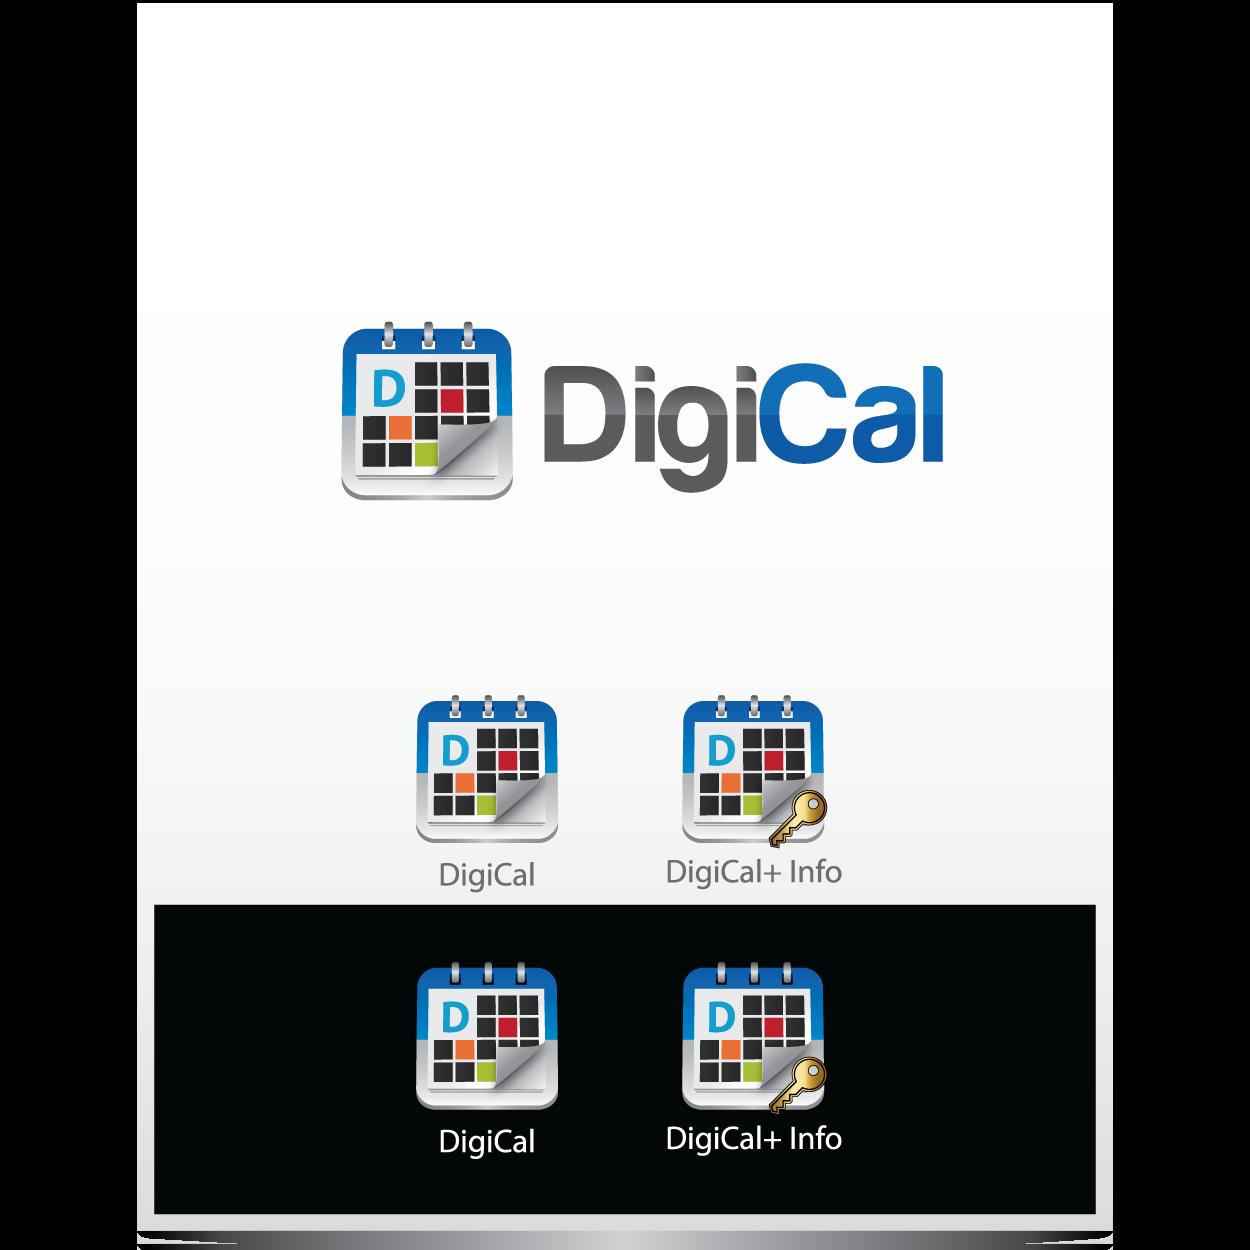 Logo Redesign: DigiCal, New Android Calendar App